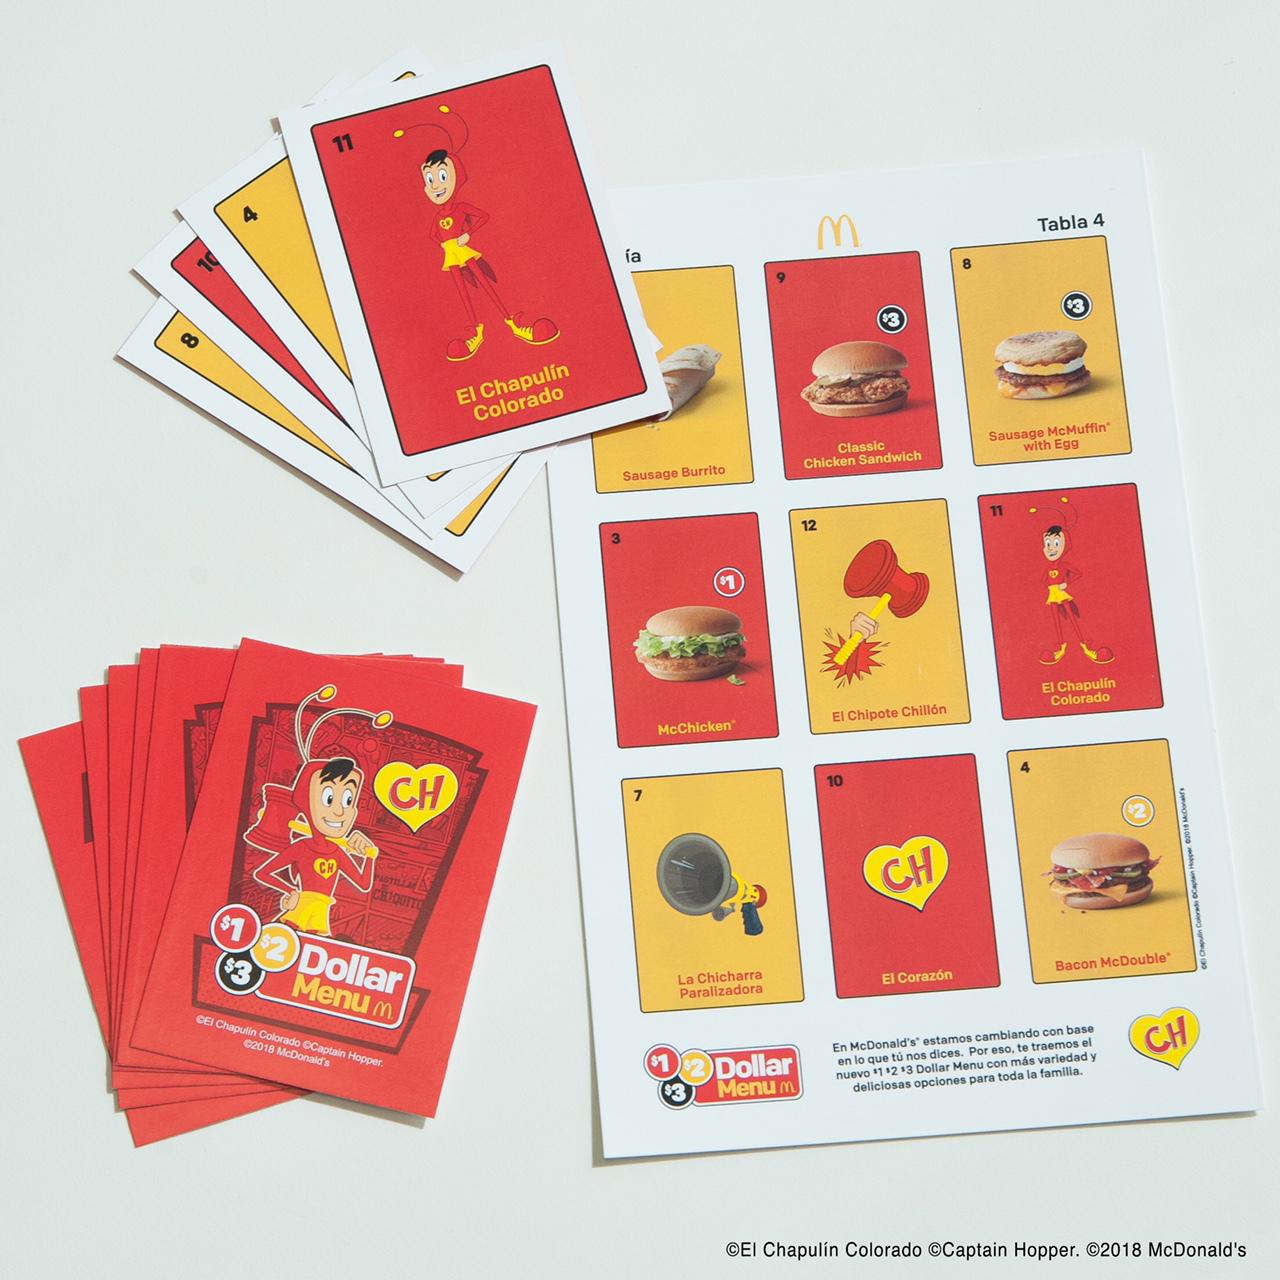 Juguetes del Chapulin Colorado de McDonald's